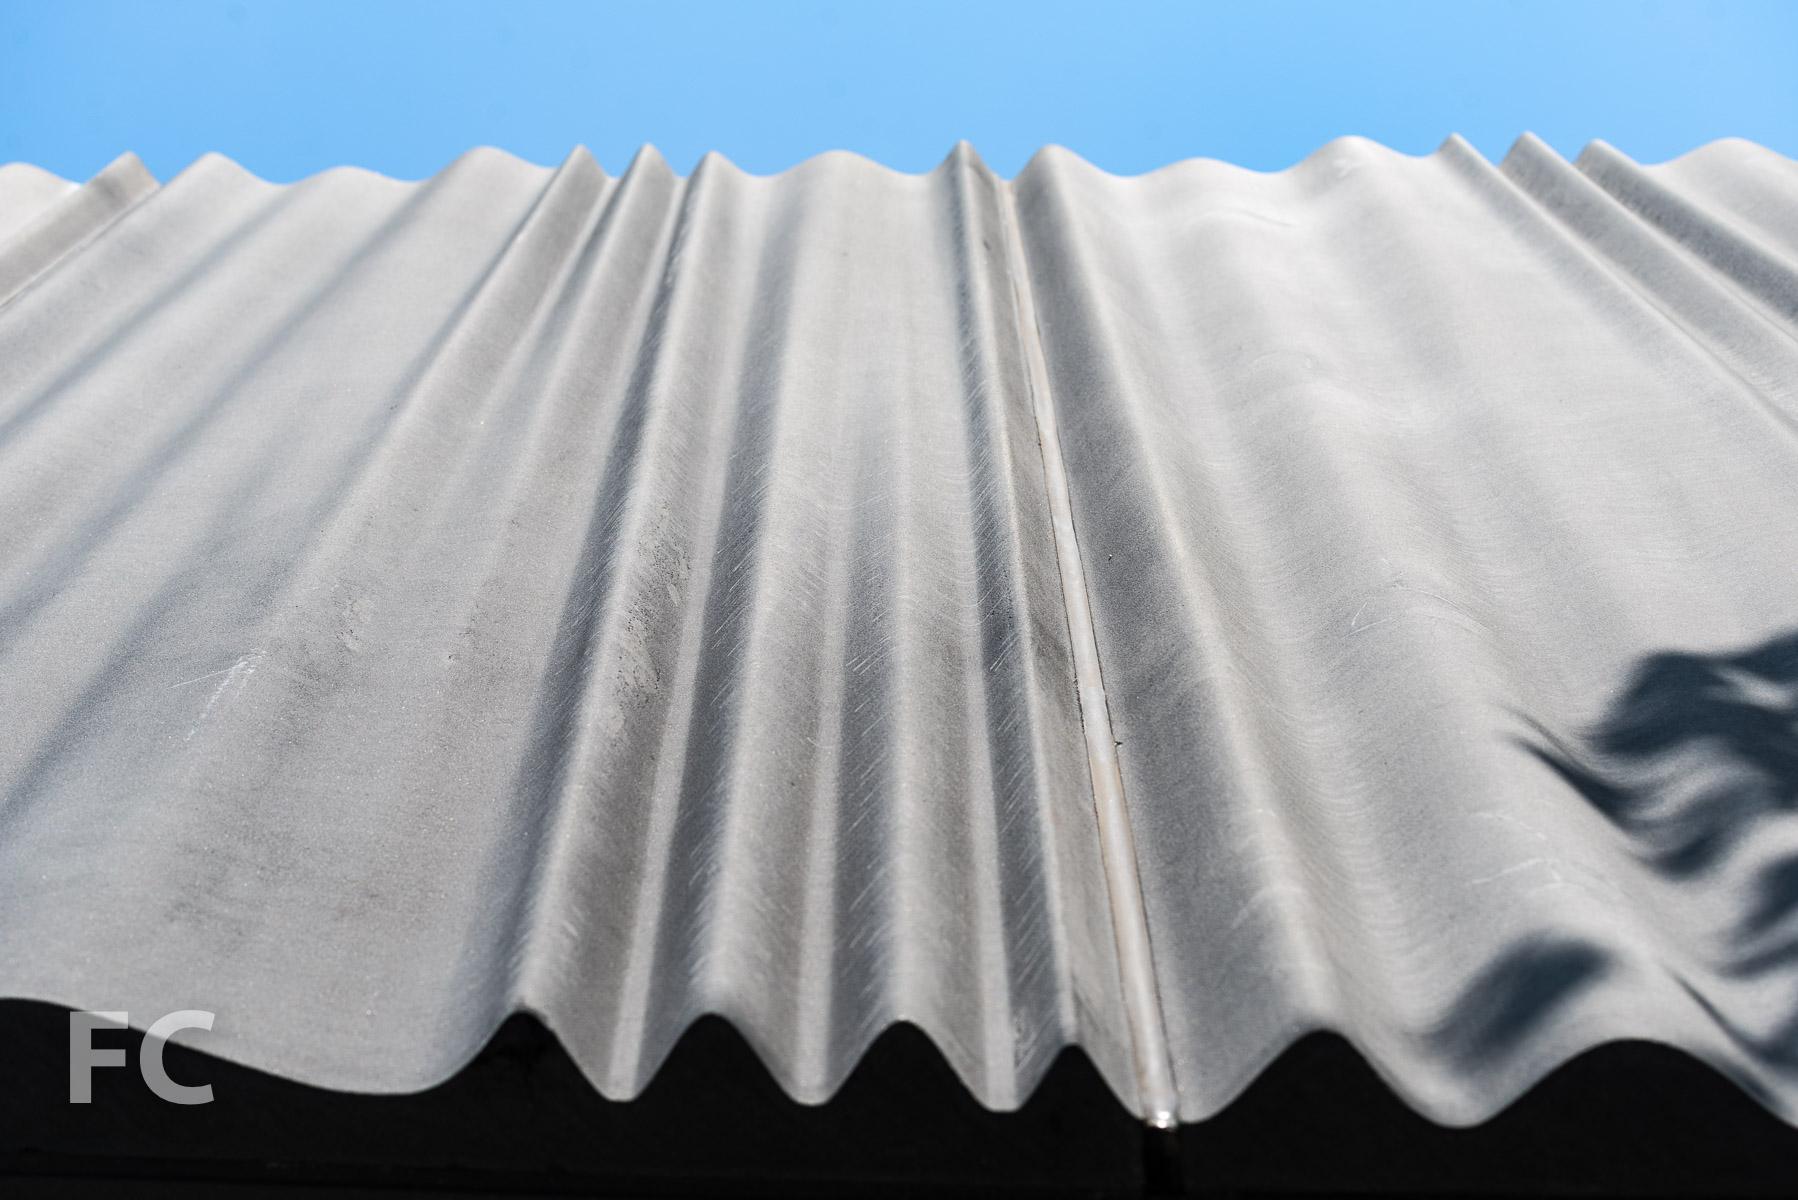 Close-up of the GFRC façade panels.